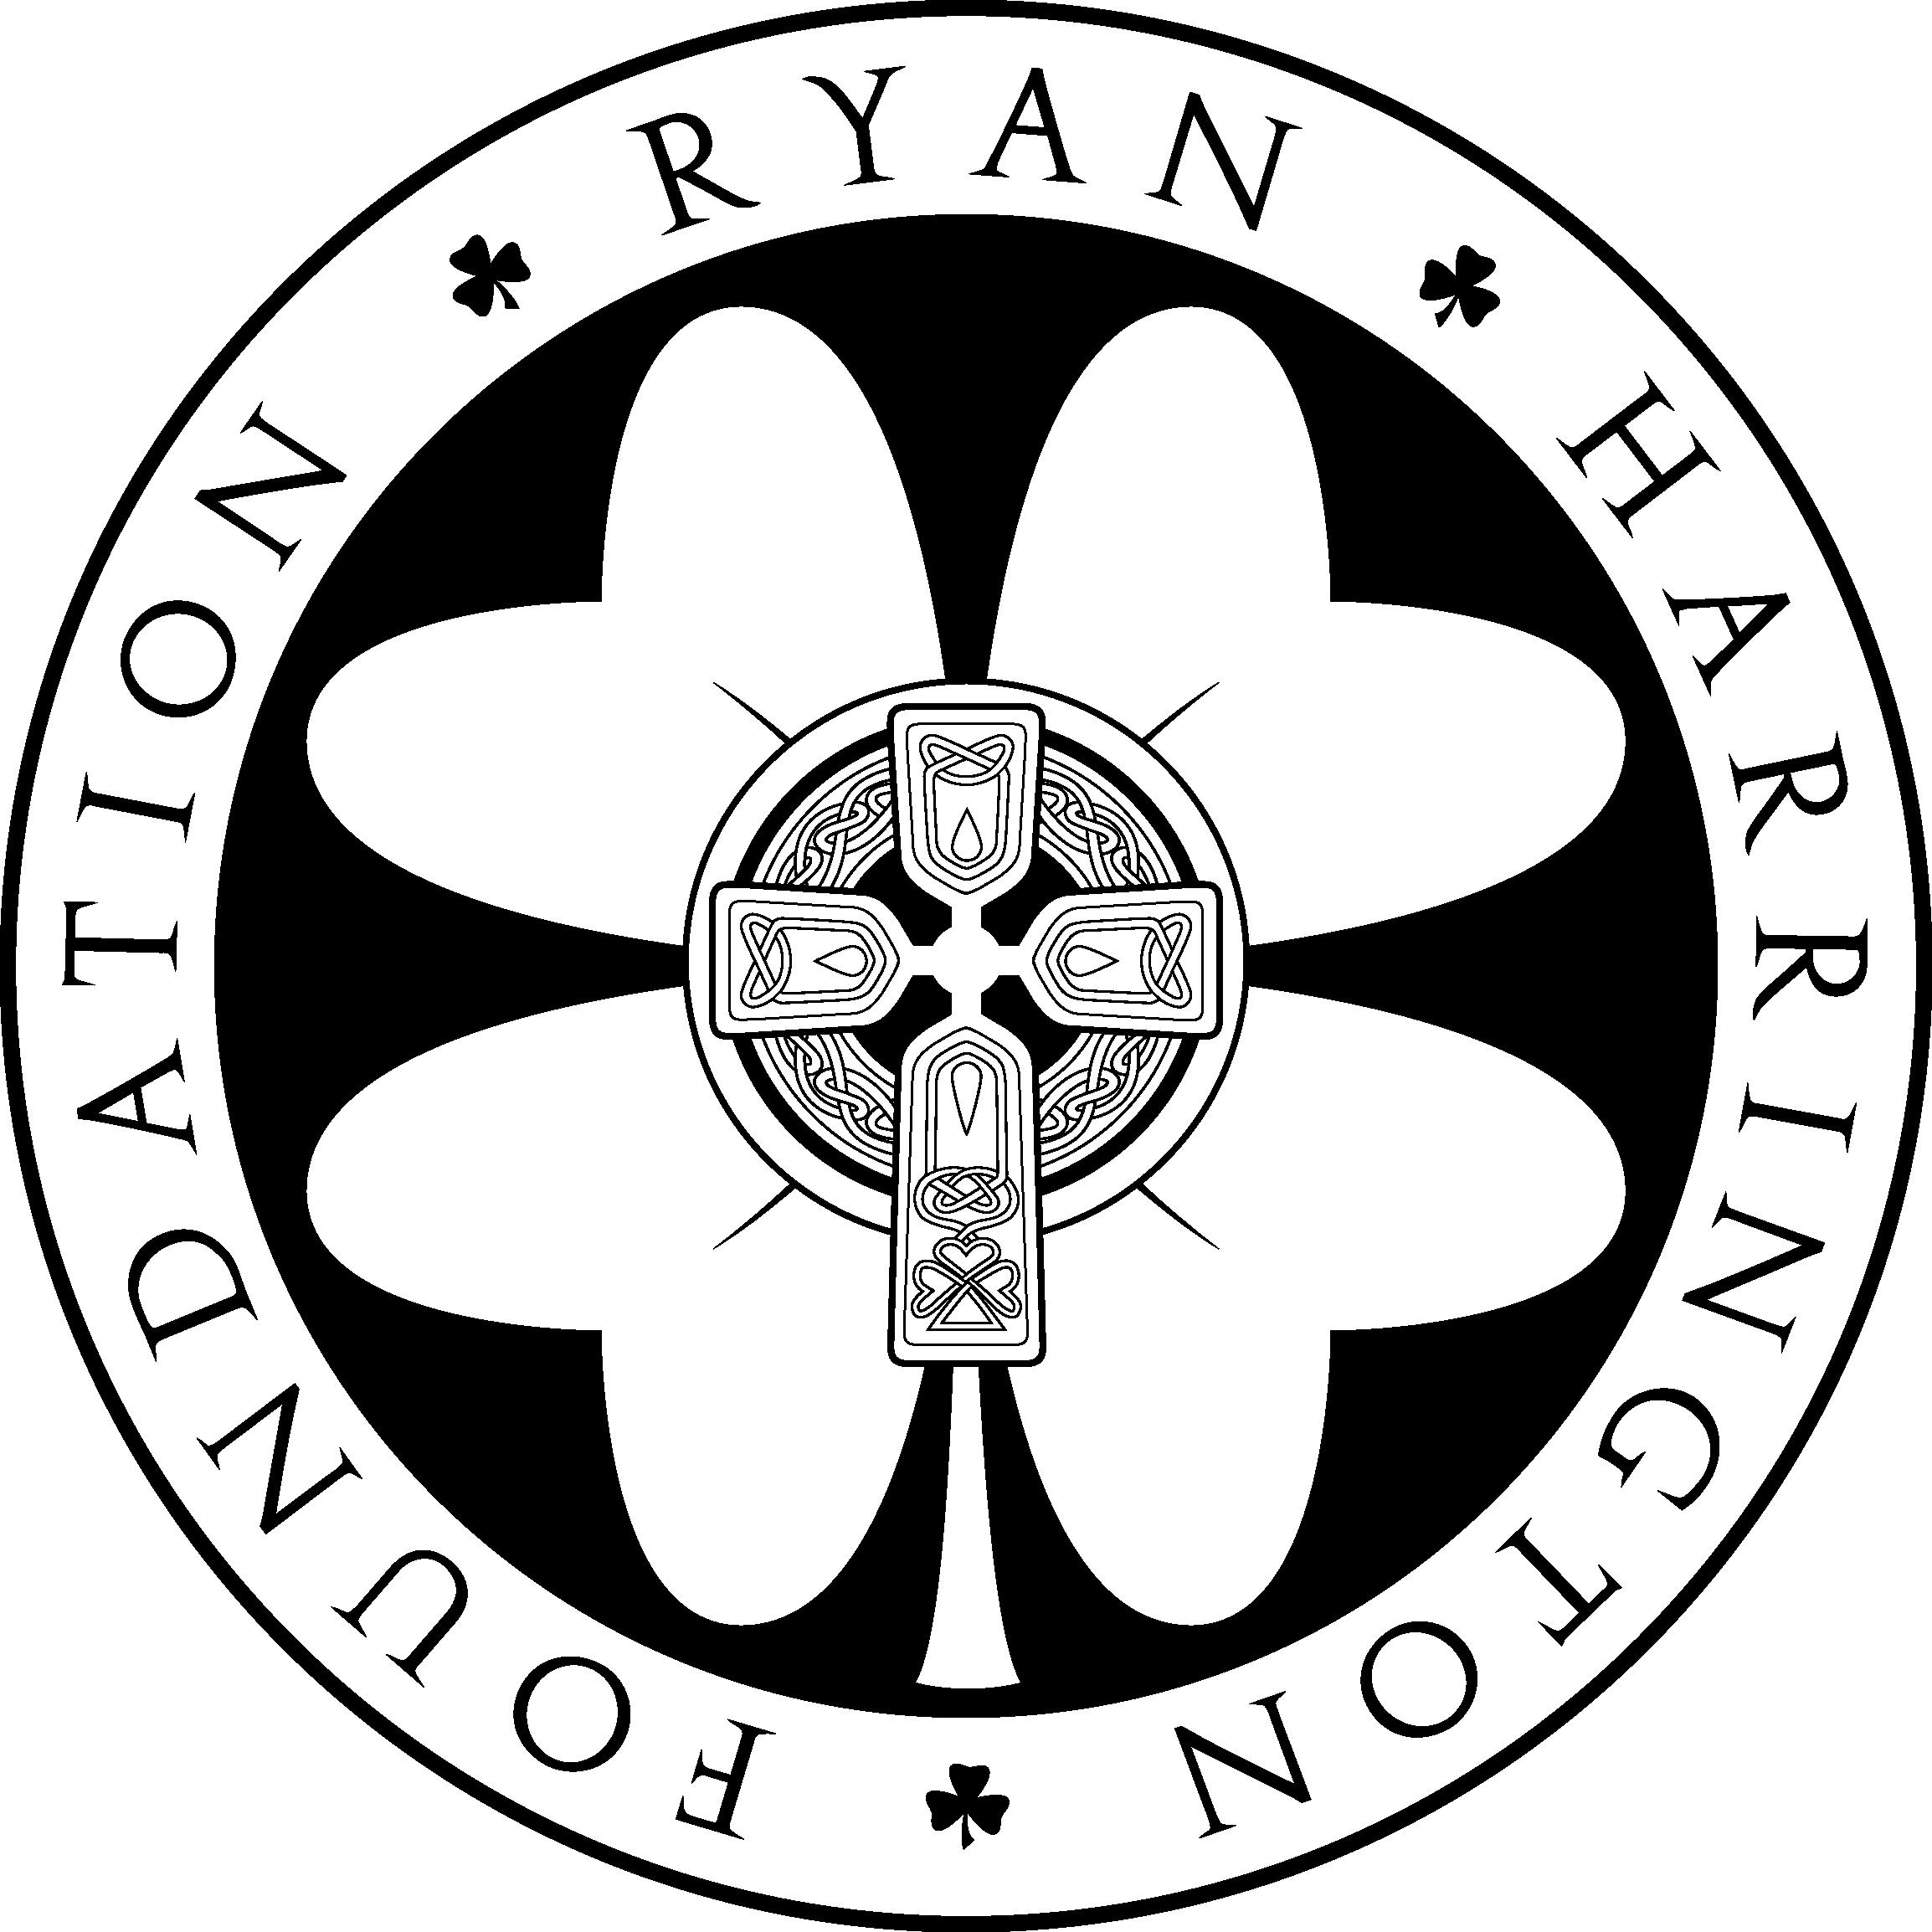 9e953050-16af-4cd5-a055-ddf44fbe4828